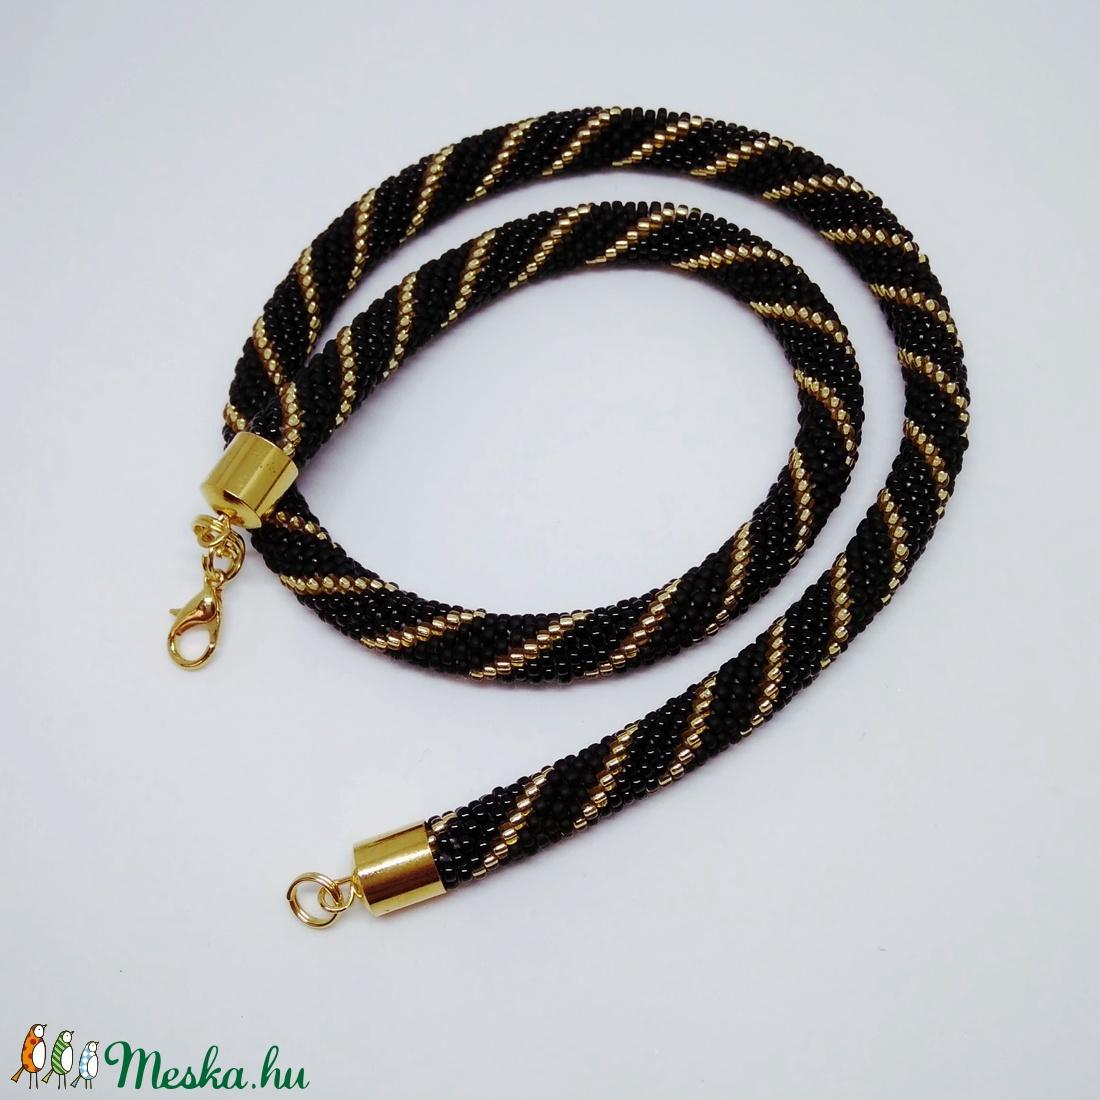 Spiral nyaklánc - arany fekete (epiteszhobby) - Meska.hu e80d056789